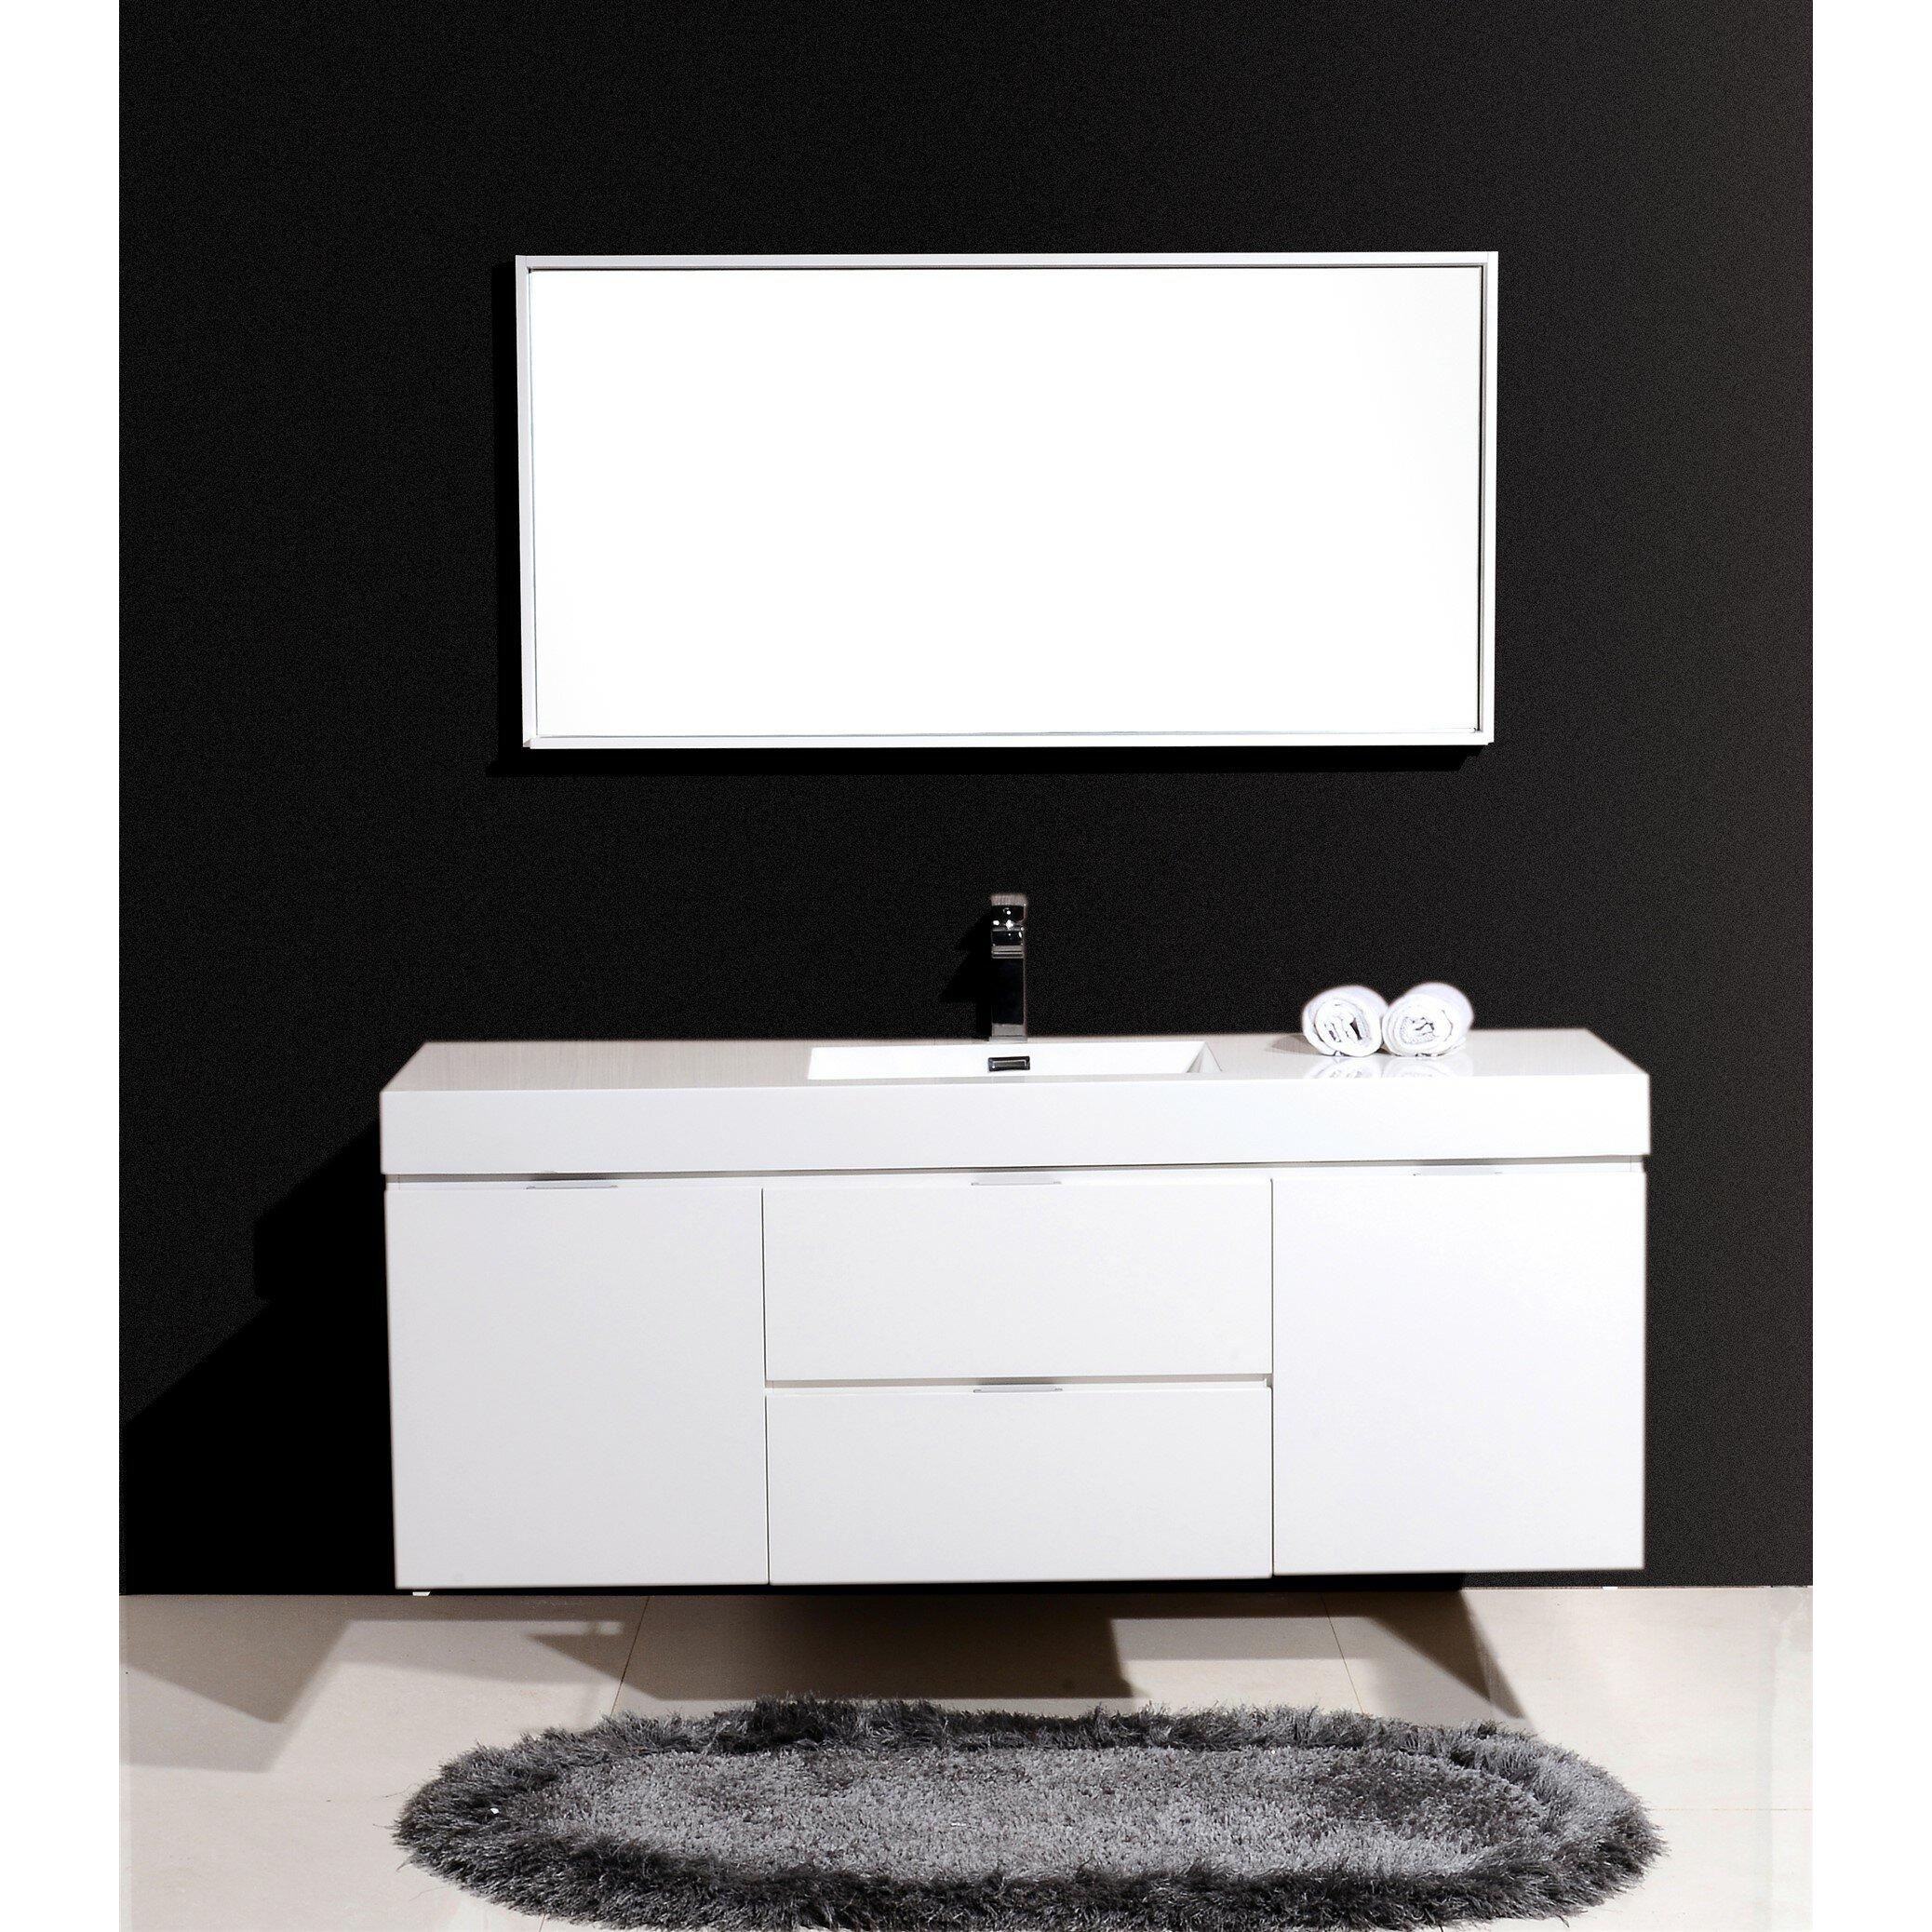 Kube bath bliss 60 single wall mount modern bathroom vanity set reviews wayfair - Linden modern bathroom vanity set ...